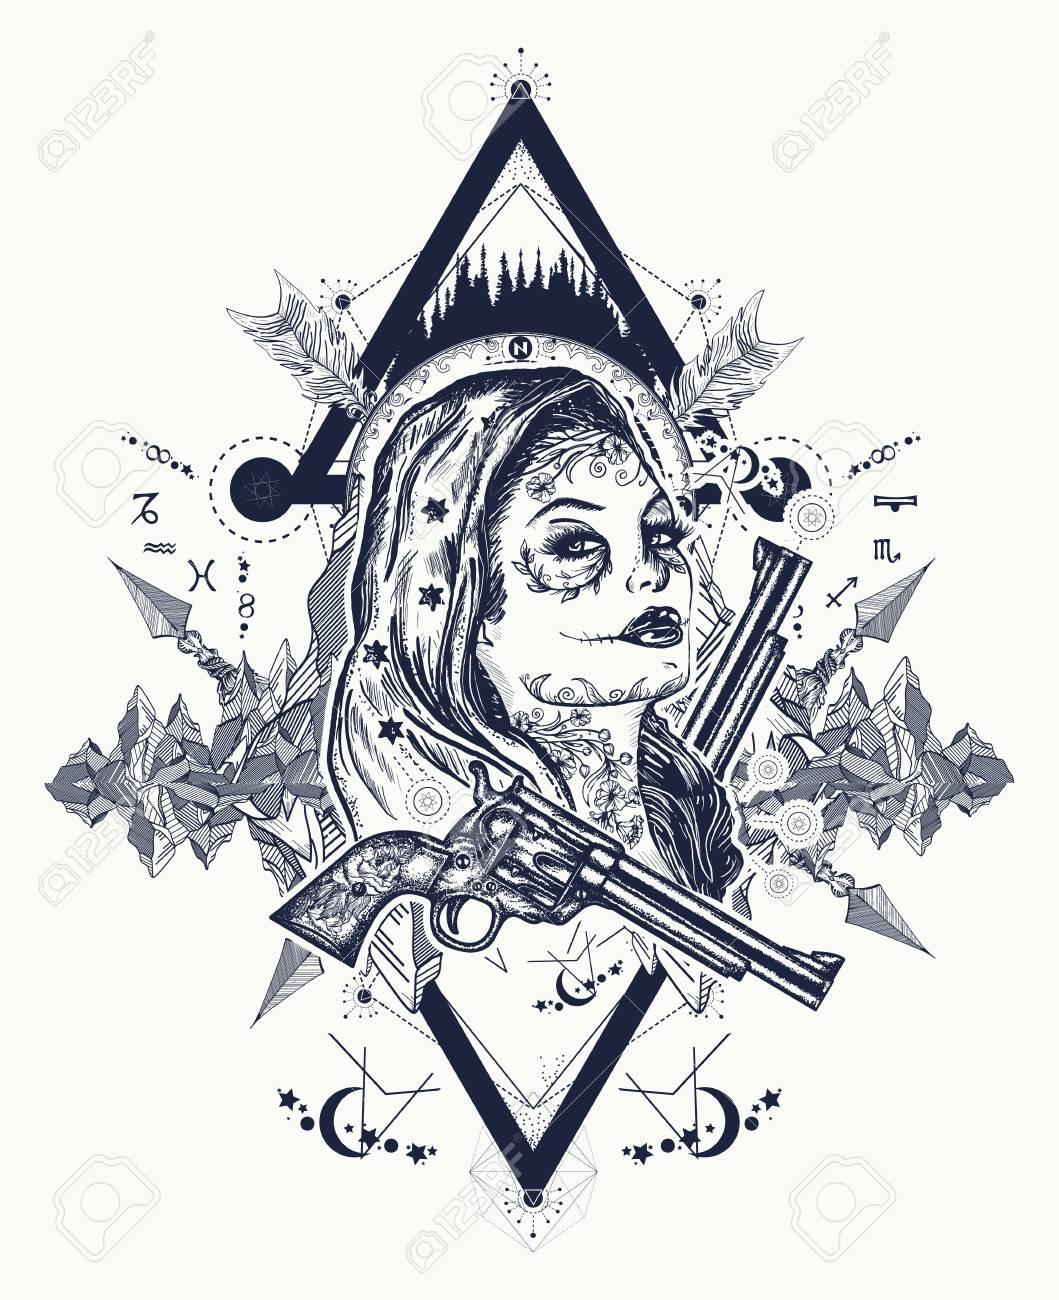 Diseño Mexicano Del Arte Y La Camiseta Del Tatuaje Criminal Tatuaje De Mujer Y Montañas Del Oeste Salvaje Chica Santa Muerte Cráneo Del Azúcar